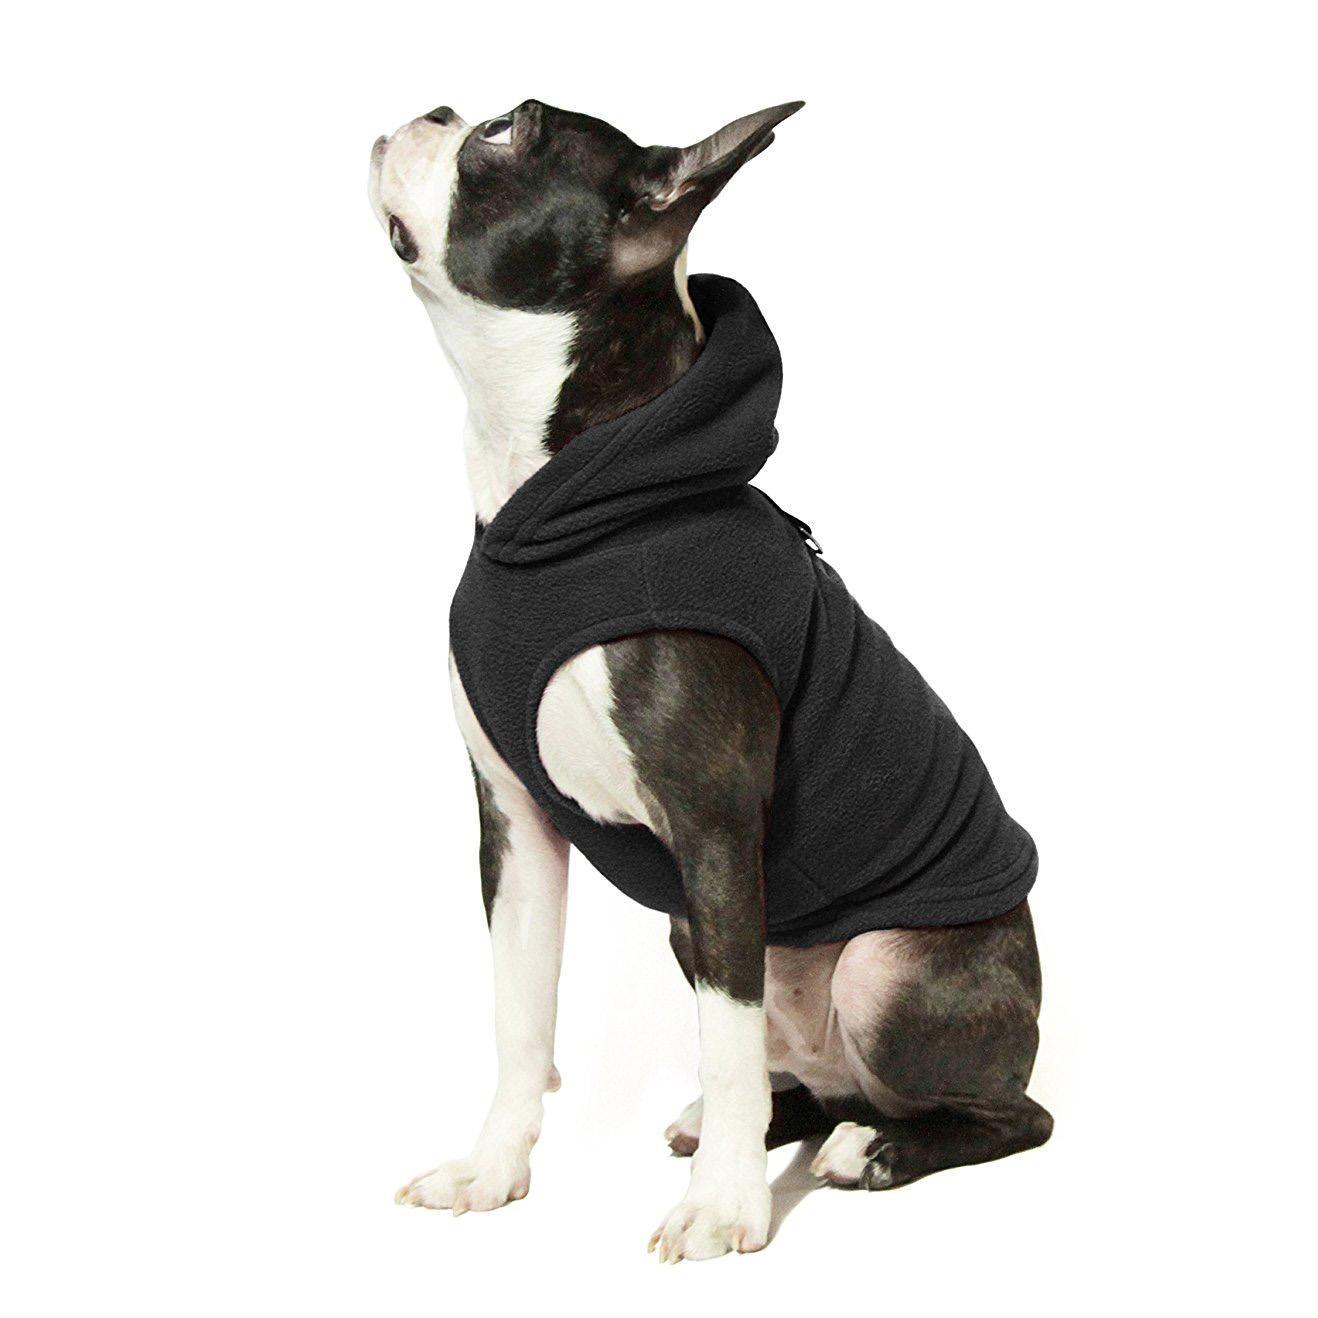 Fleece Vest Hoodie Dog Harness by Gooby - Black